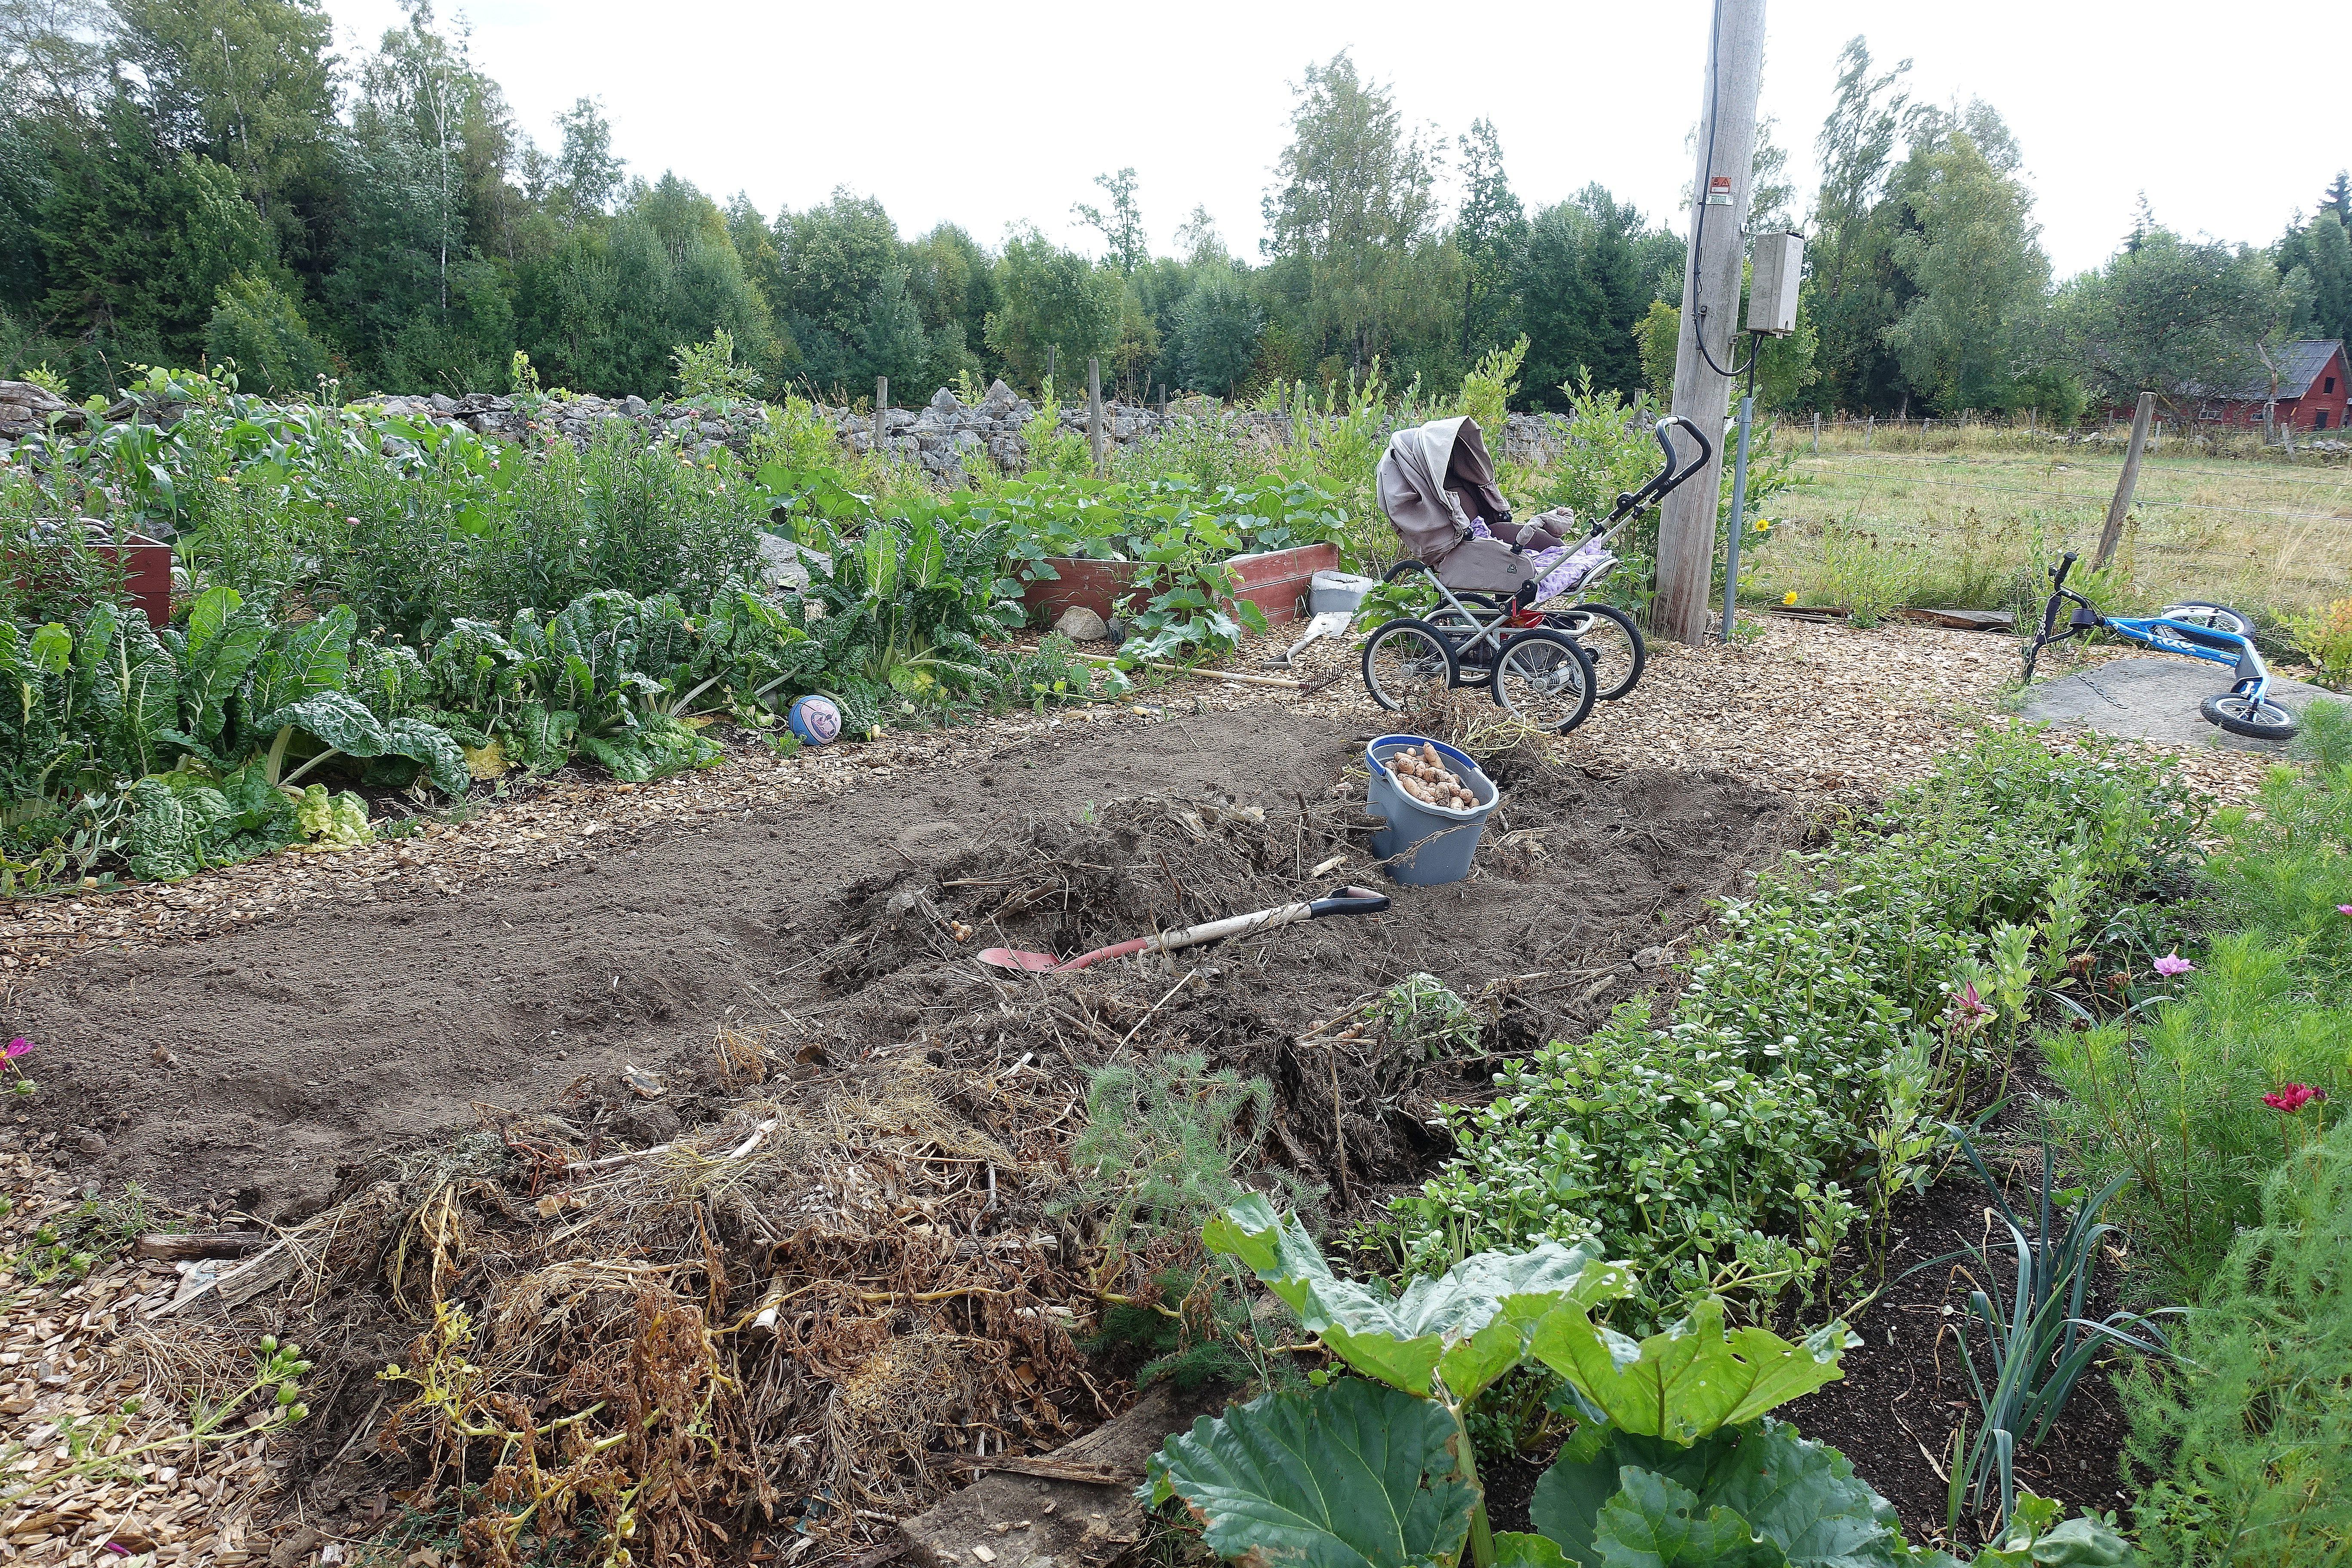 Bild på köksträdgården med odlingsbäddar i förgrunden och en barnvagn i bakgrunden. Summer sowing, beds in the foreground.